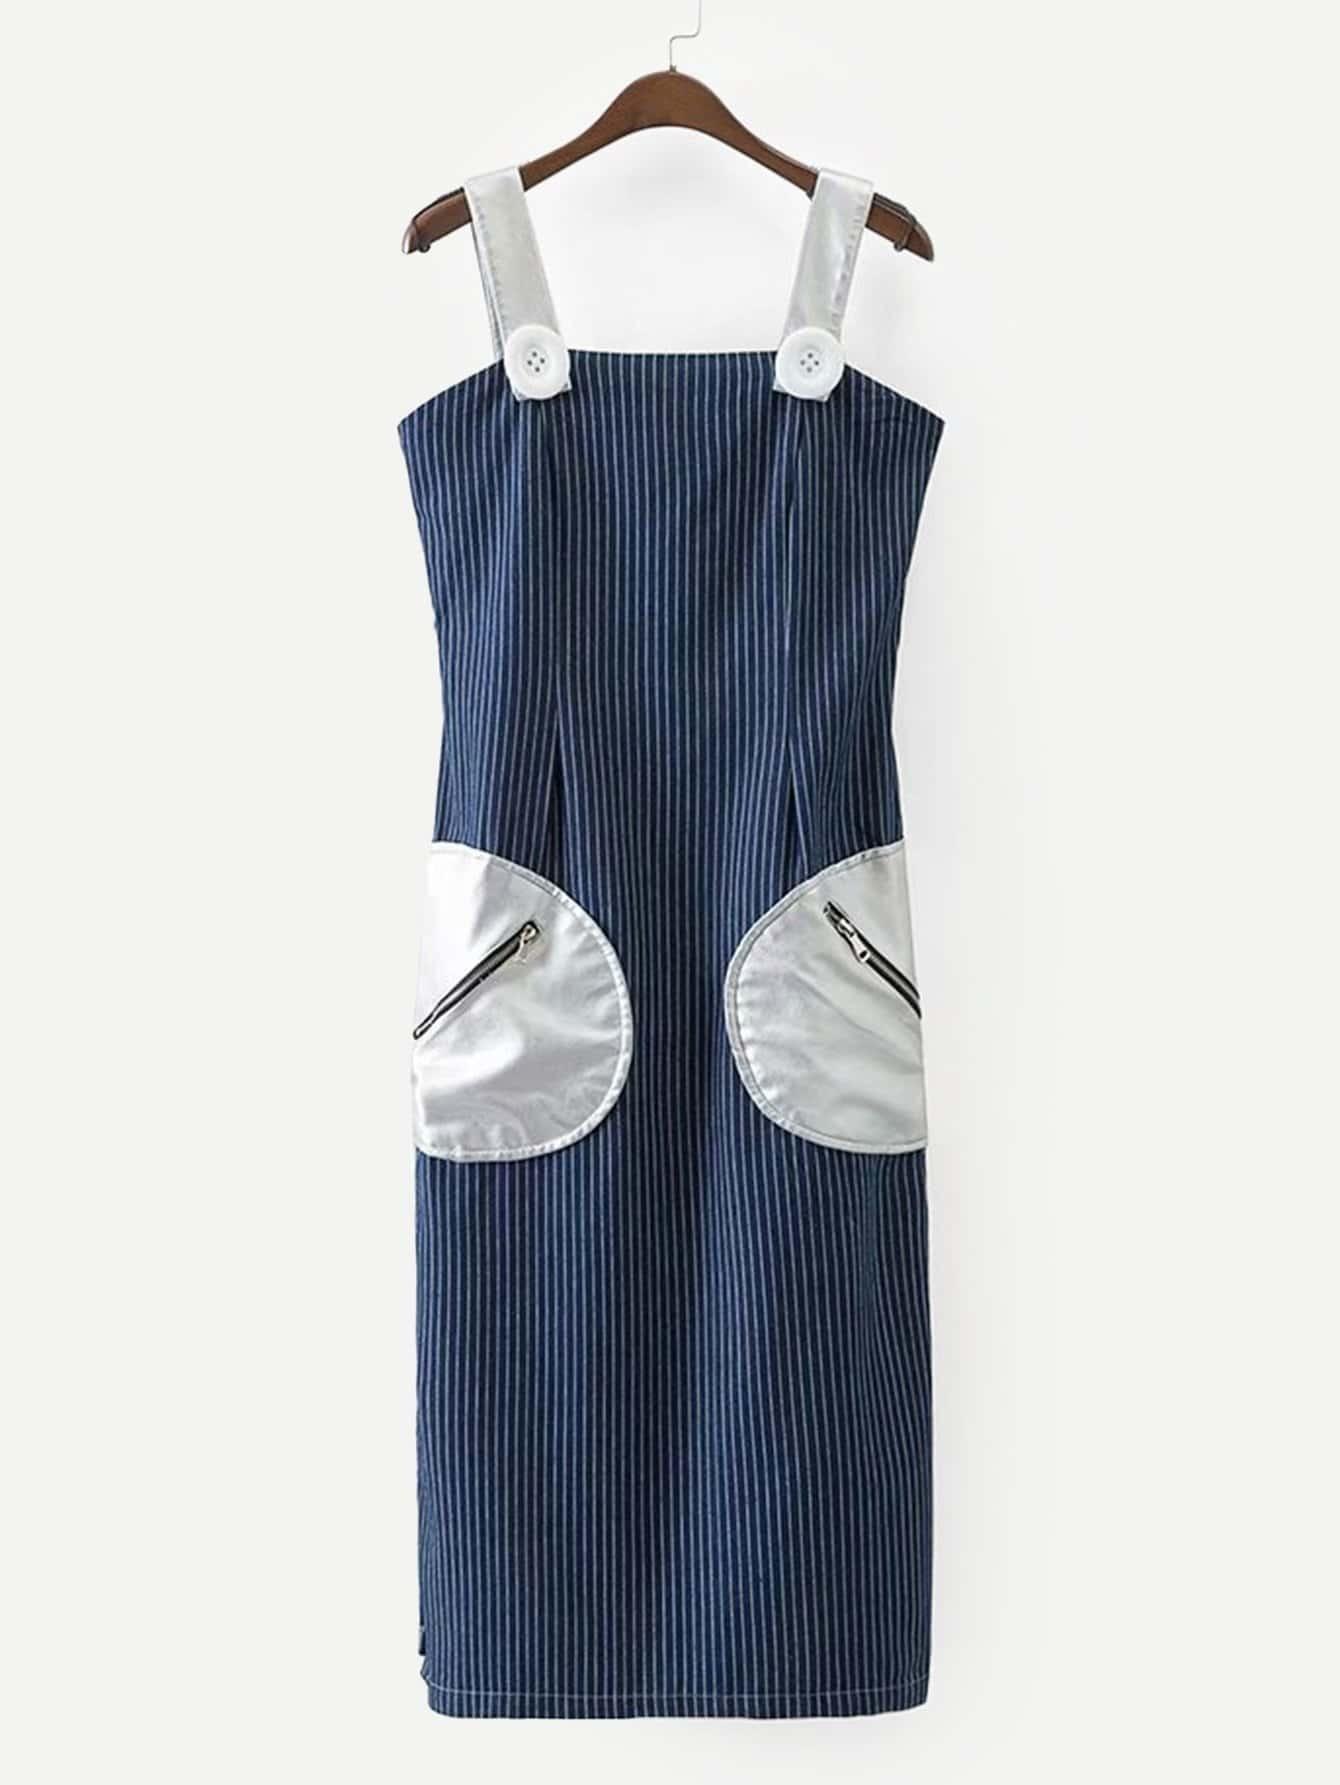 Купить Тонкое полосатое джинсовое платье и со симметриескими карманами, null, SheIn